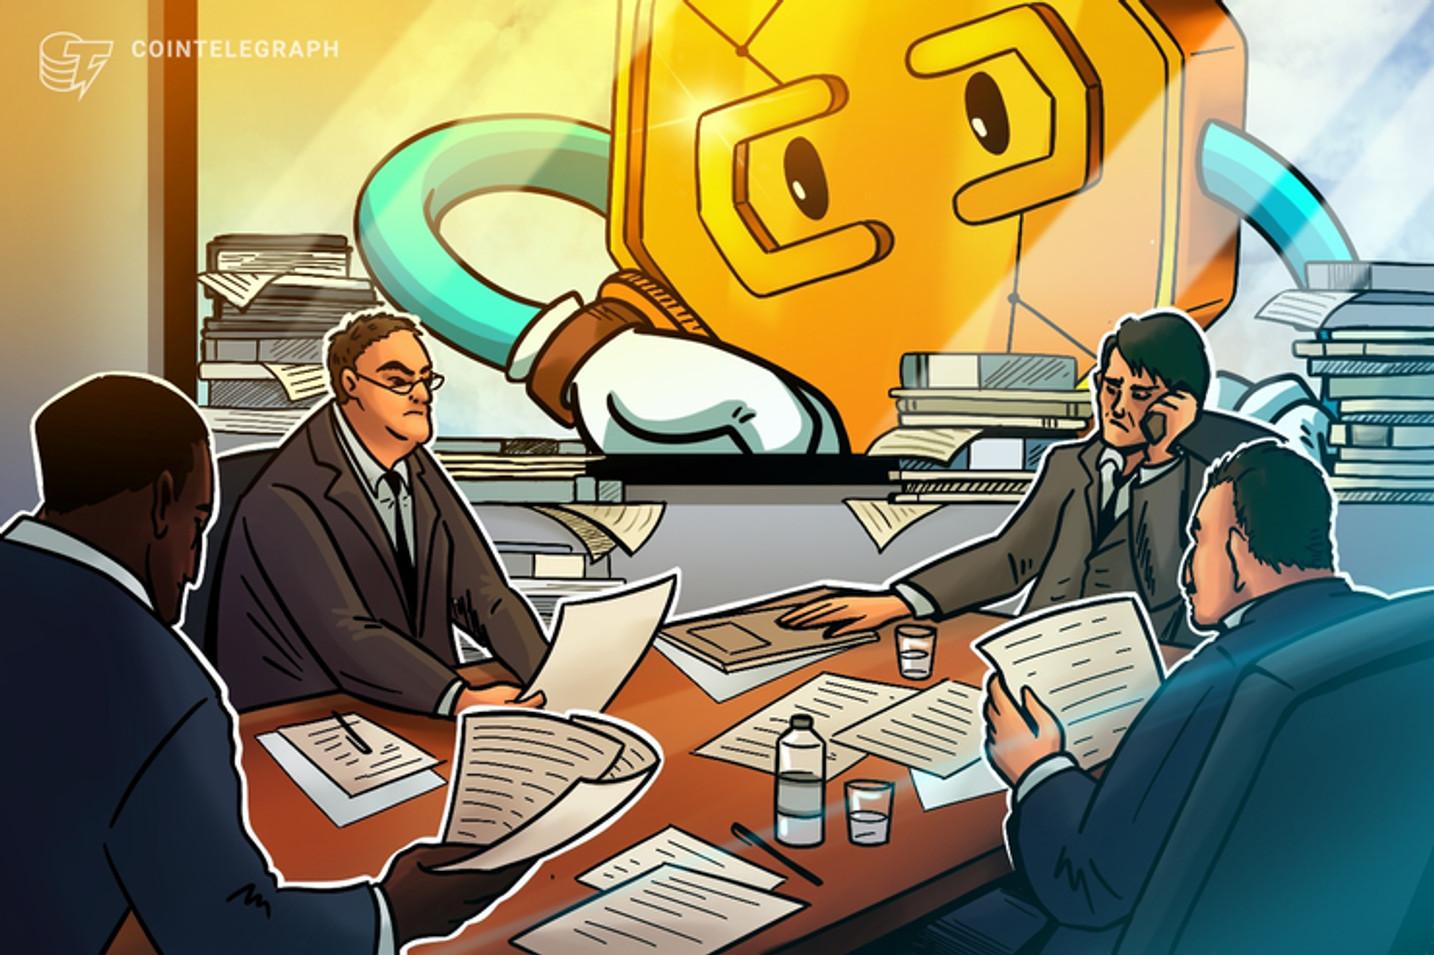 Criptomoedas são a 'solução perfeita' para superar crises na América Latina, diz analista de Bitcoin